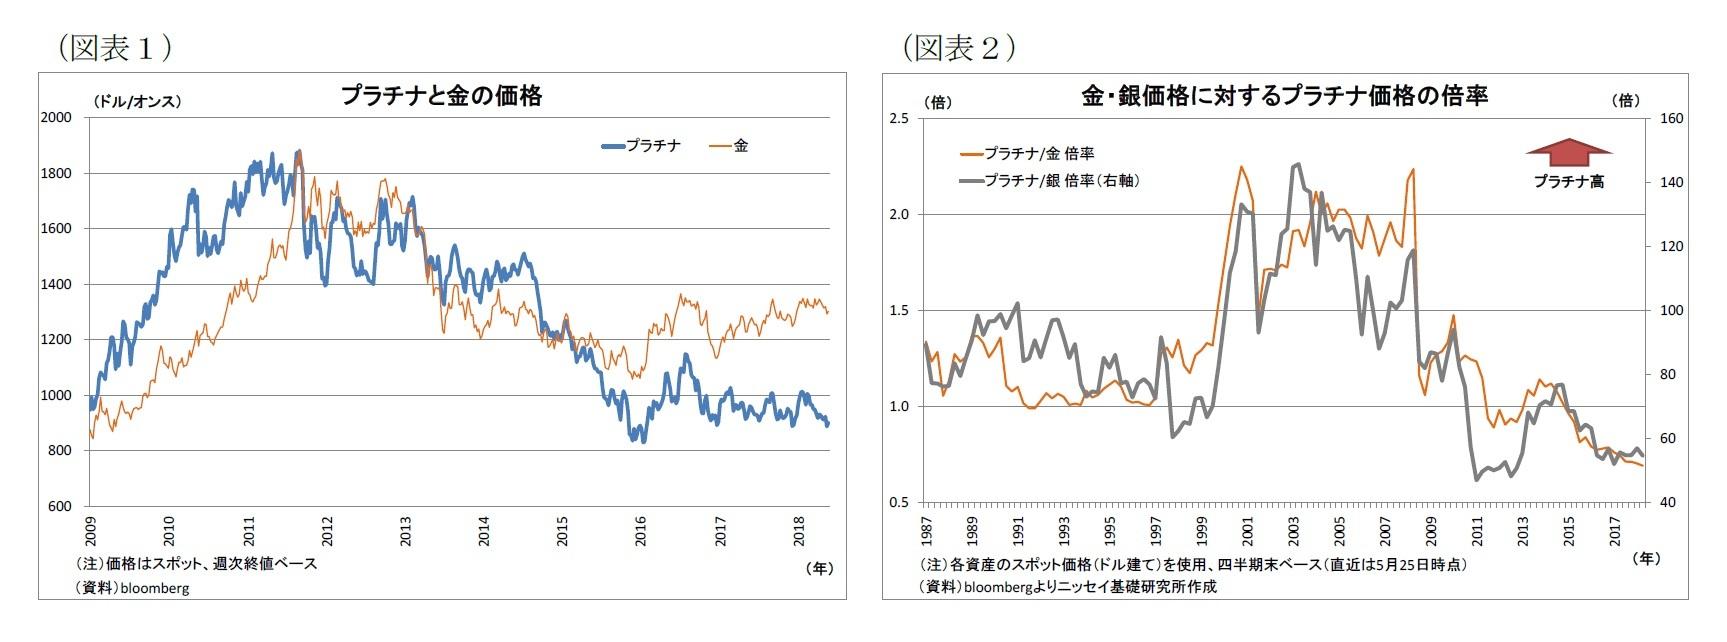 (図表1)プラチナと金の価格/(図表2)金・銀価格に対するプラチナ価格の倍率